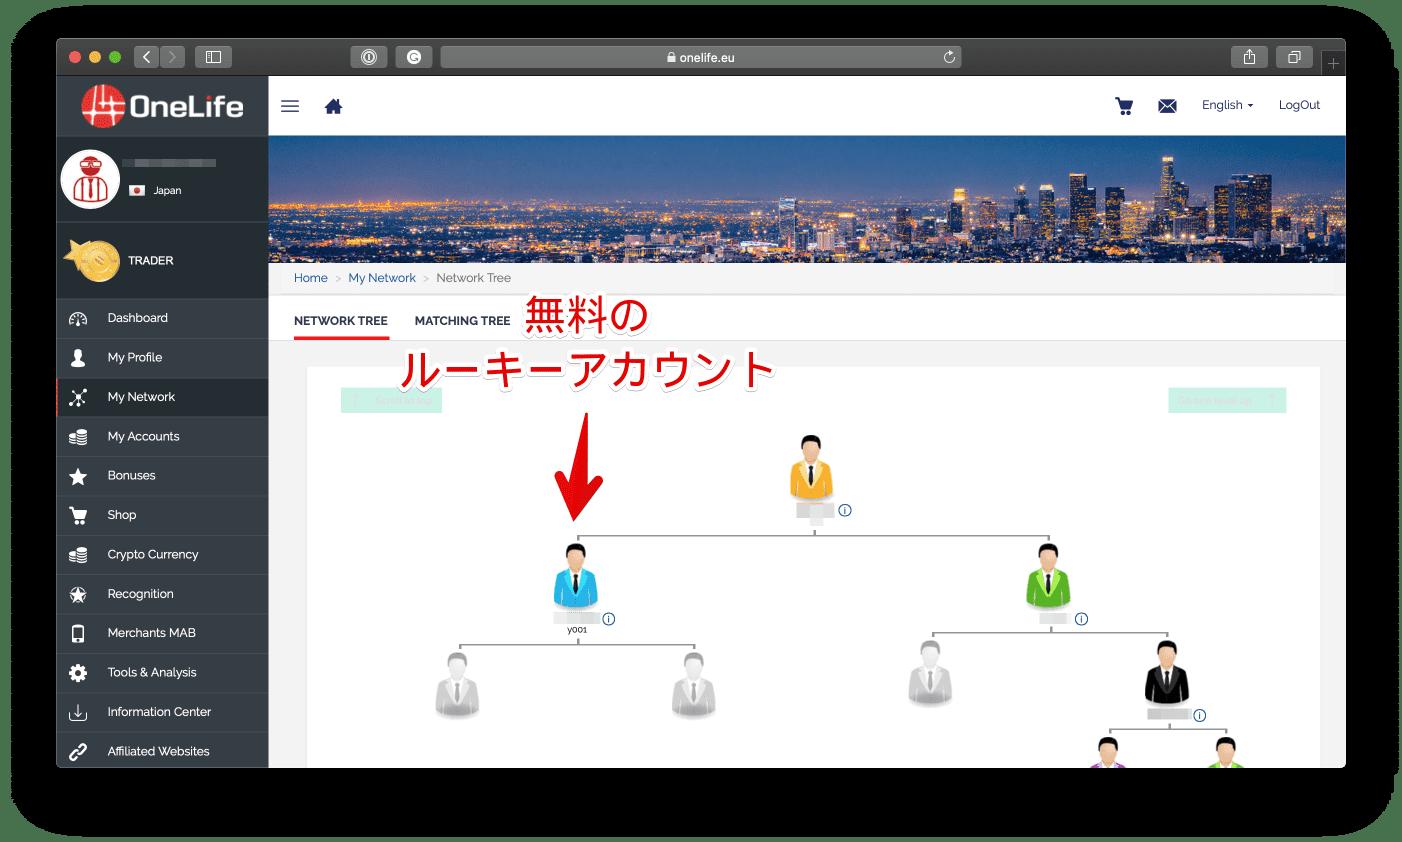 上記の手順で Add Member (メンバーを追加) にクリックしますと、無料のルーキーアカウントが用意されます。